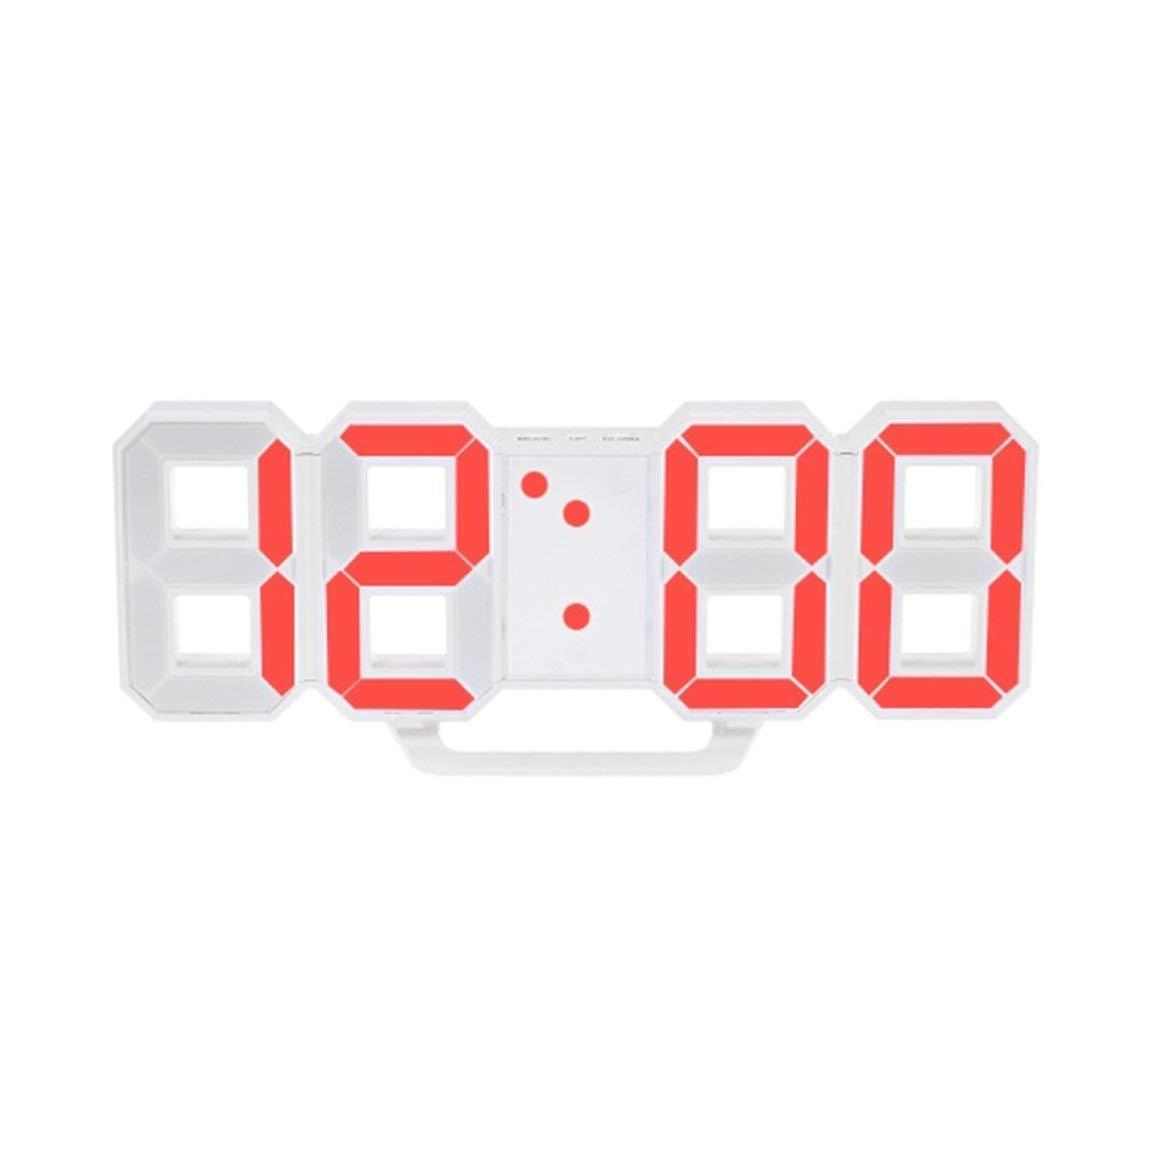 Fantasyworld LED Digital Alarm Clock 3D, elettrico Desk Clock con 24/12 ore Display & 3 livelli di luminosità regolabile dimmerabile Nightlight per Office Home Kitchen